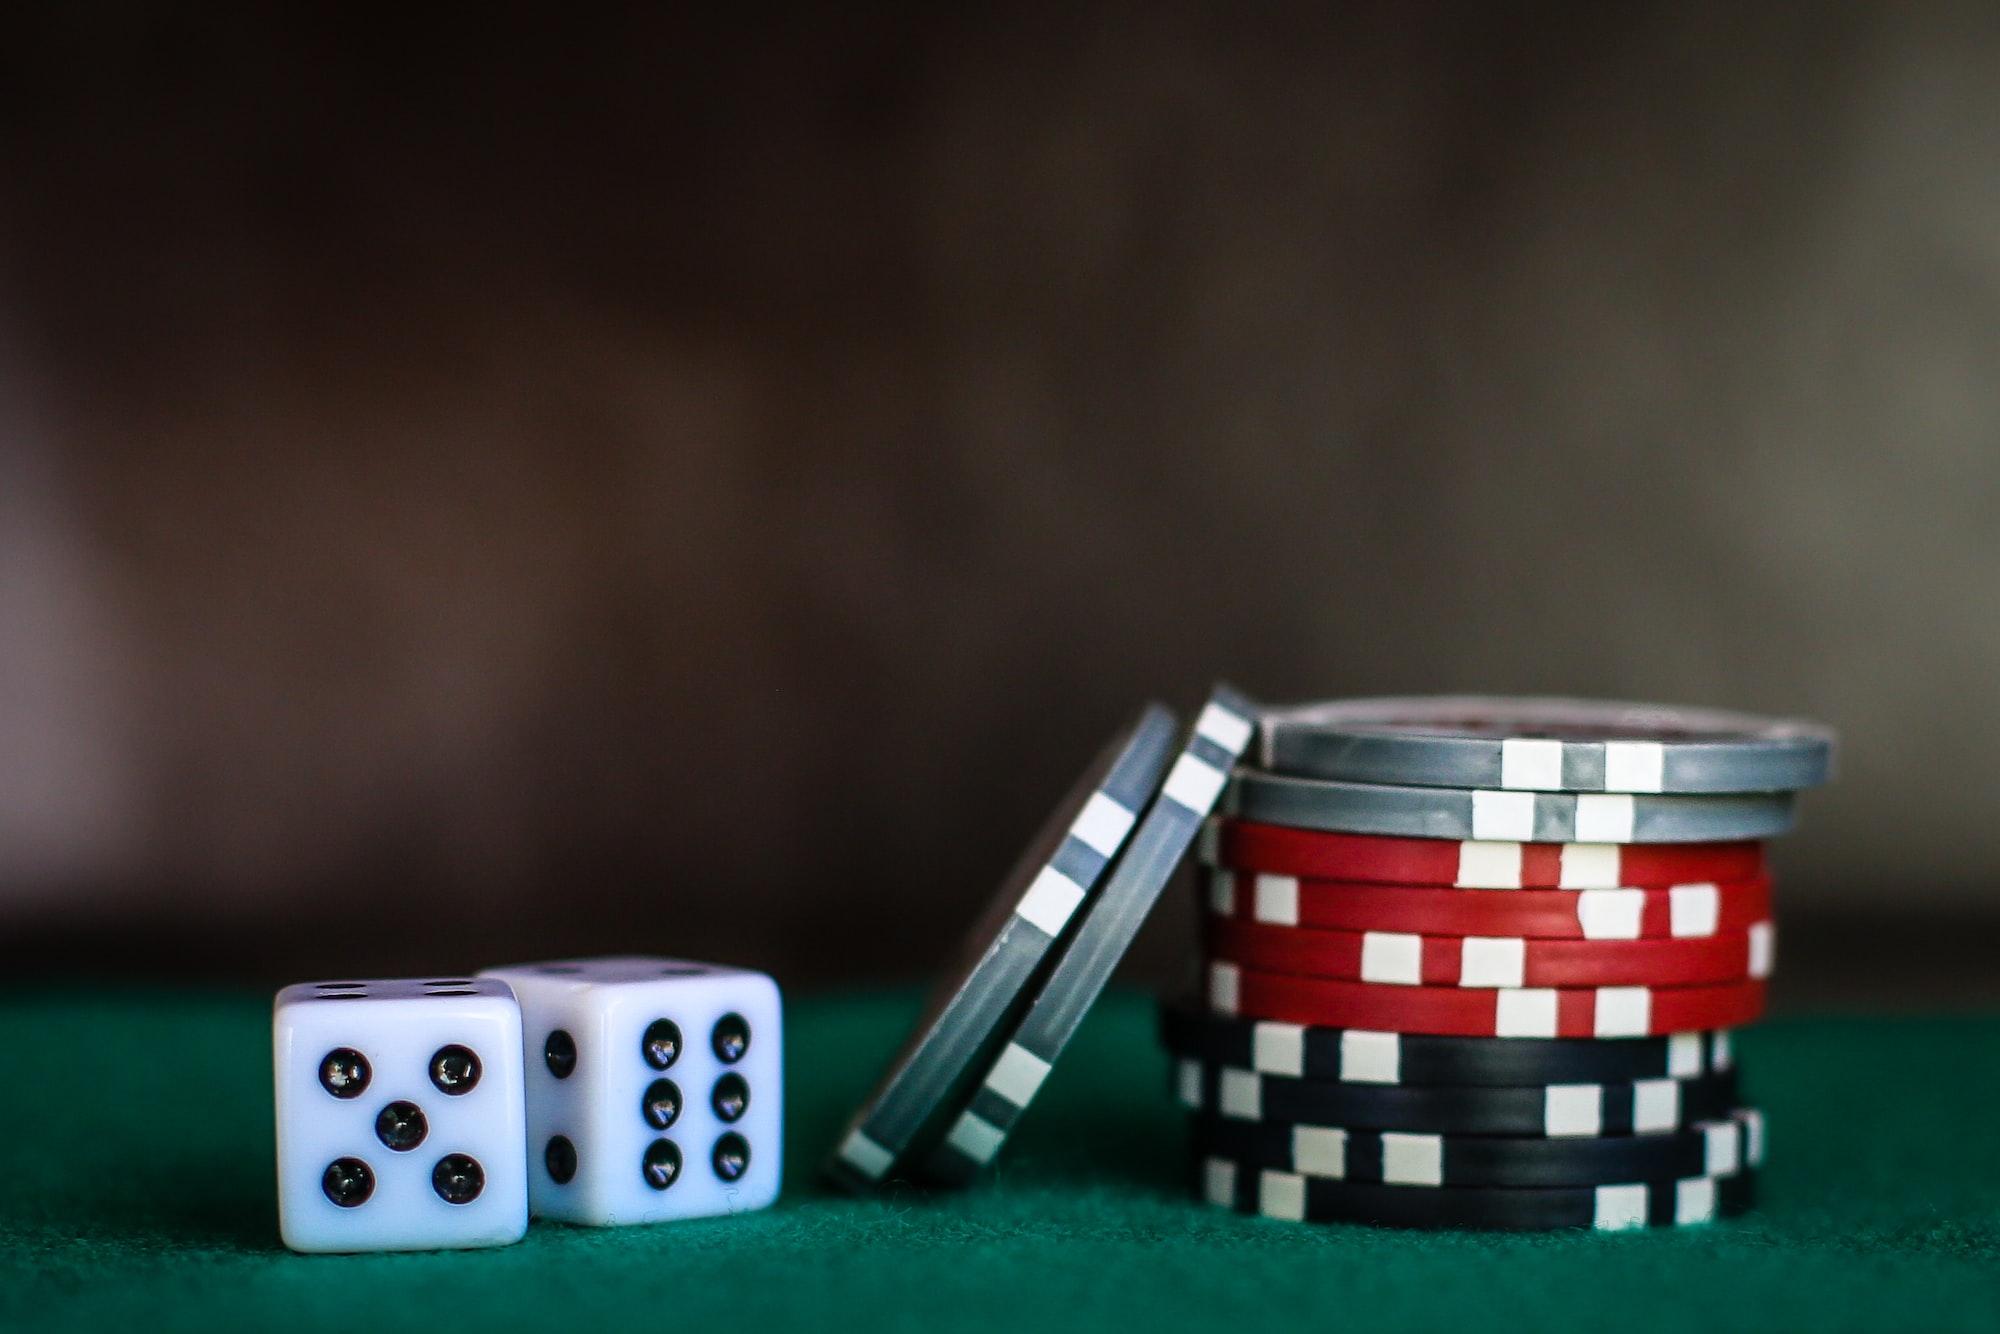 Estrazioni Lotto, Superenalotto e 10eLotto 03/08/21: i numeri vincenti